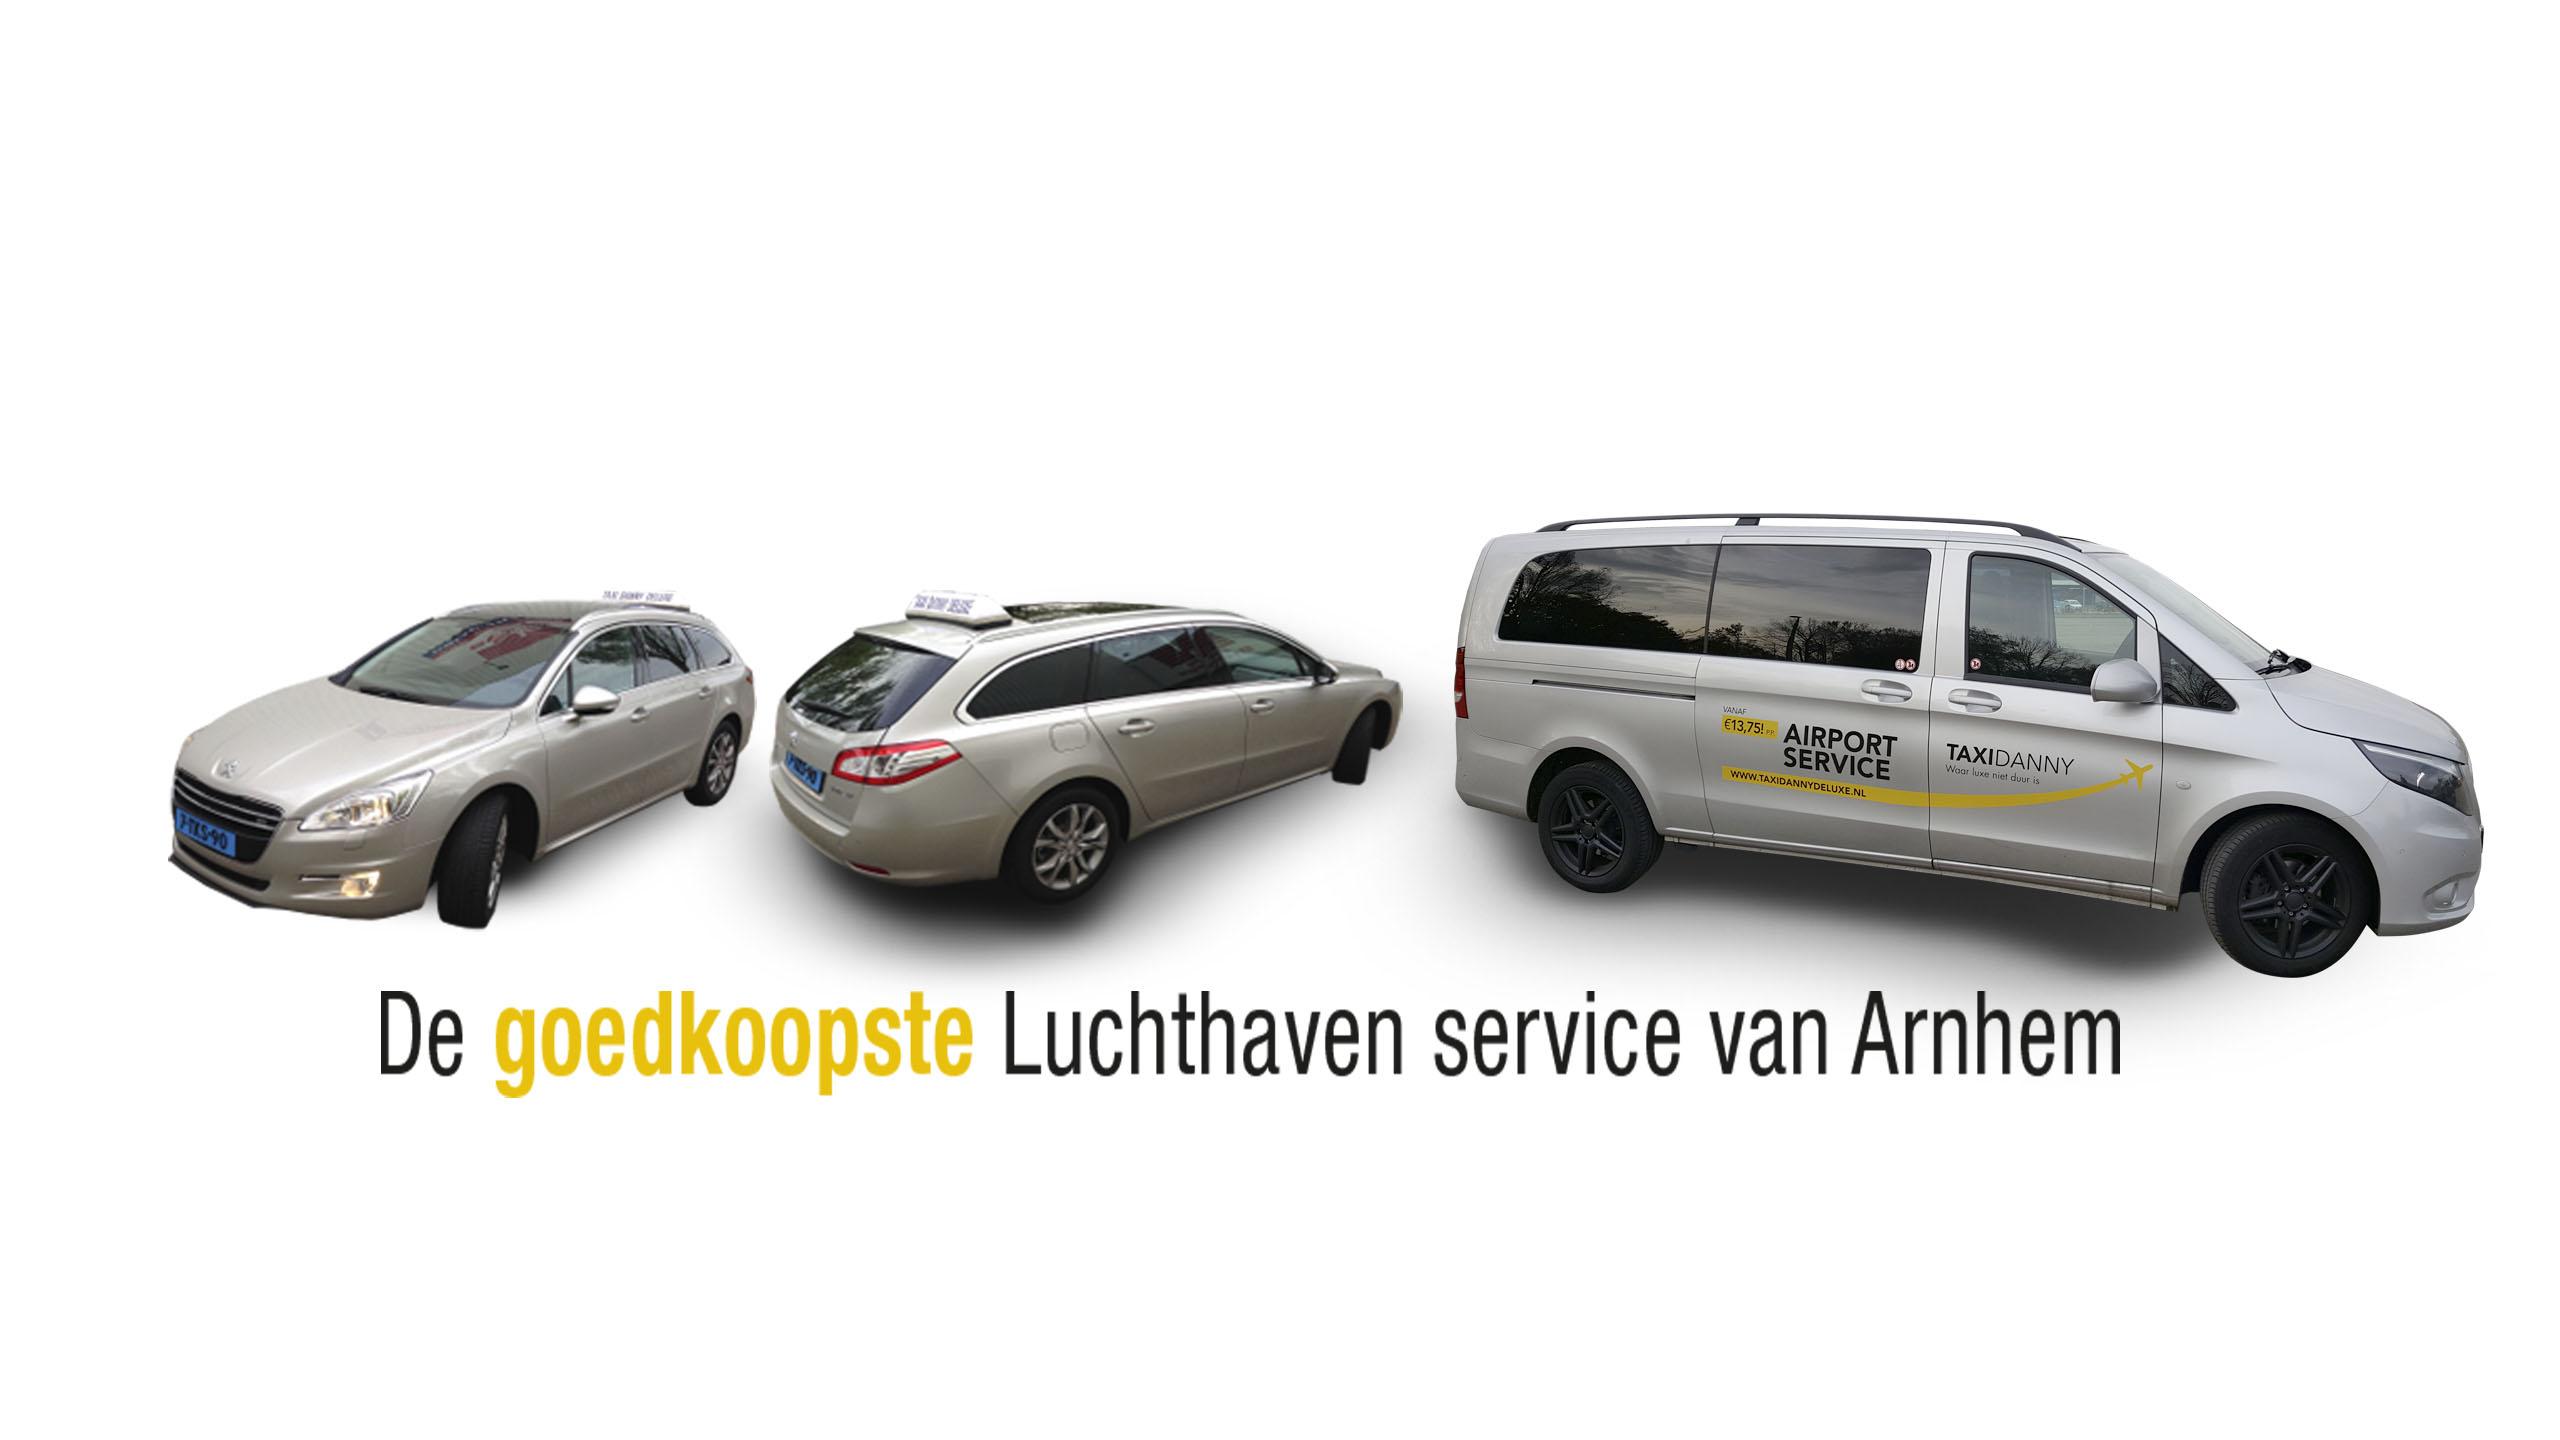 Taxi Arnhem Danny Deluxe - De goedkoopste luchthaven service van Arnhem